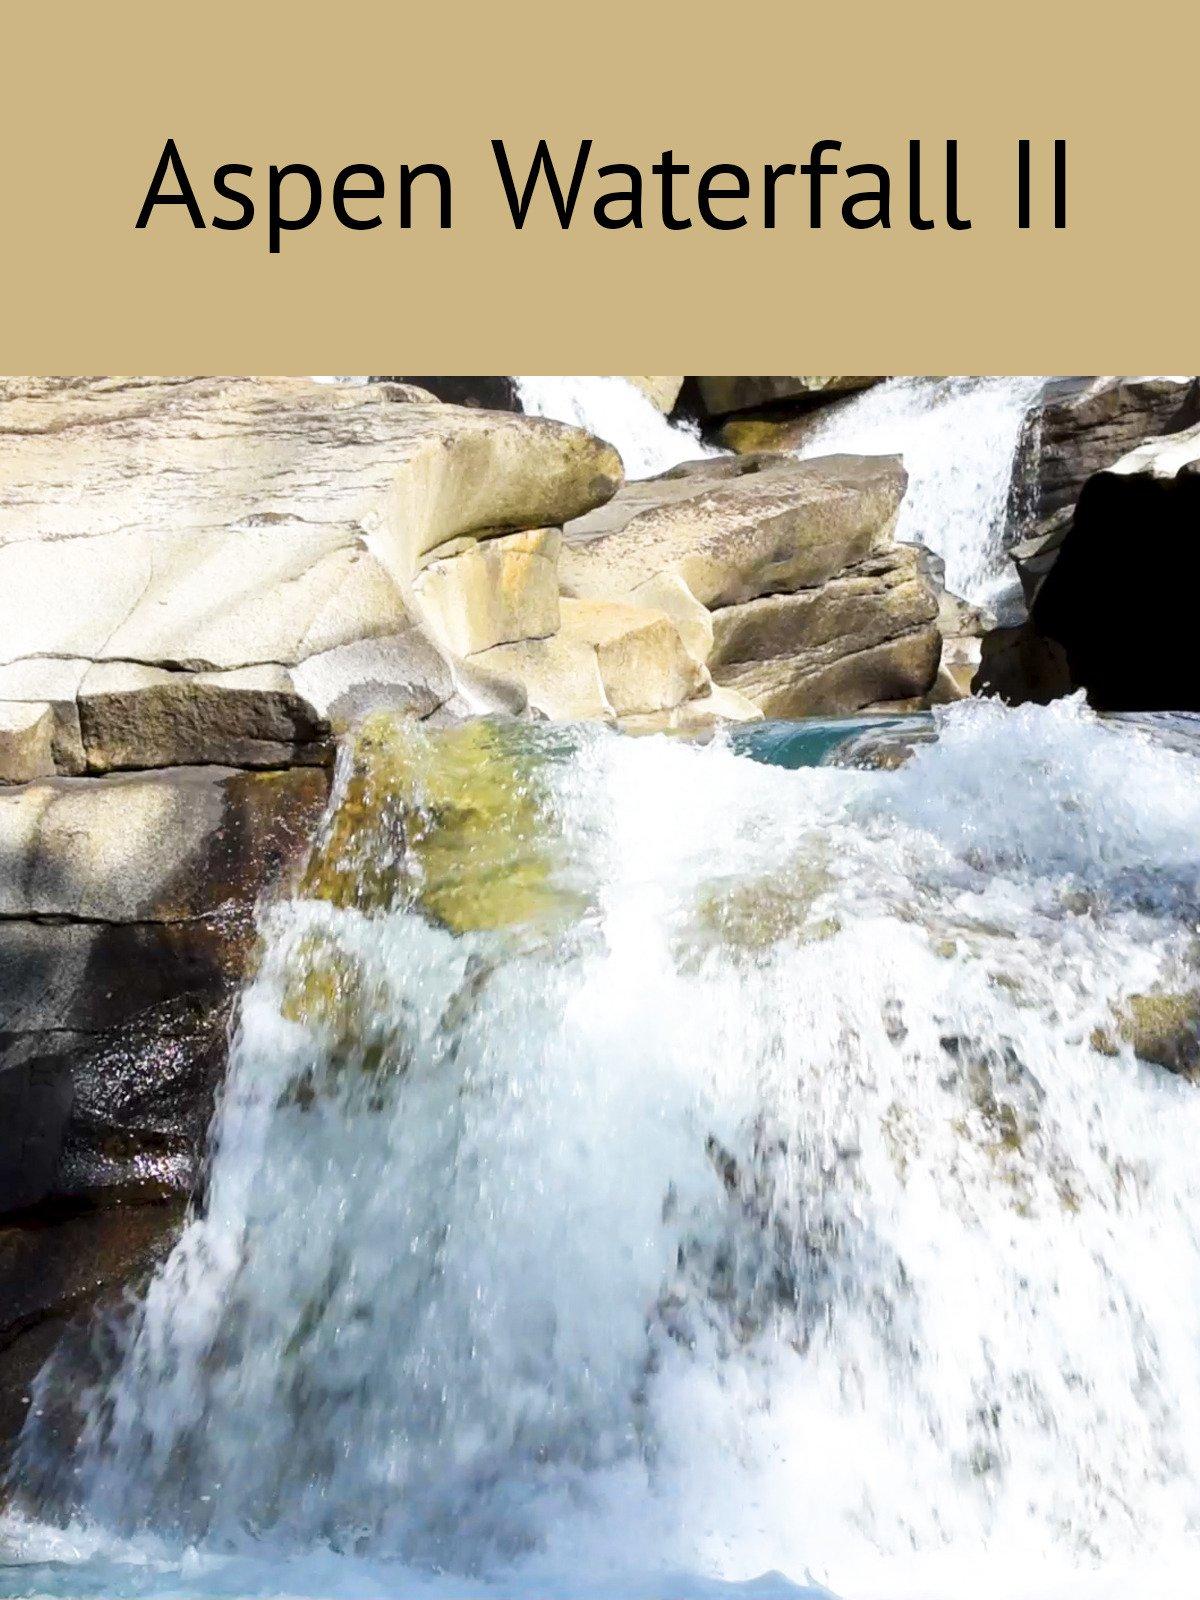 Aspen Waterfall II